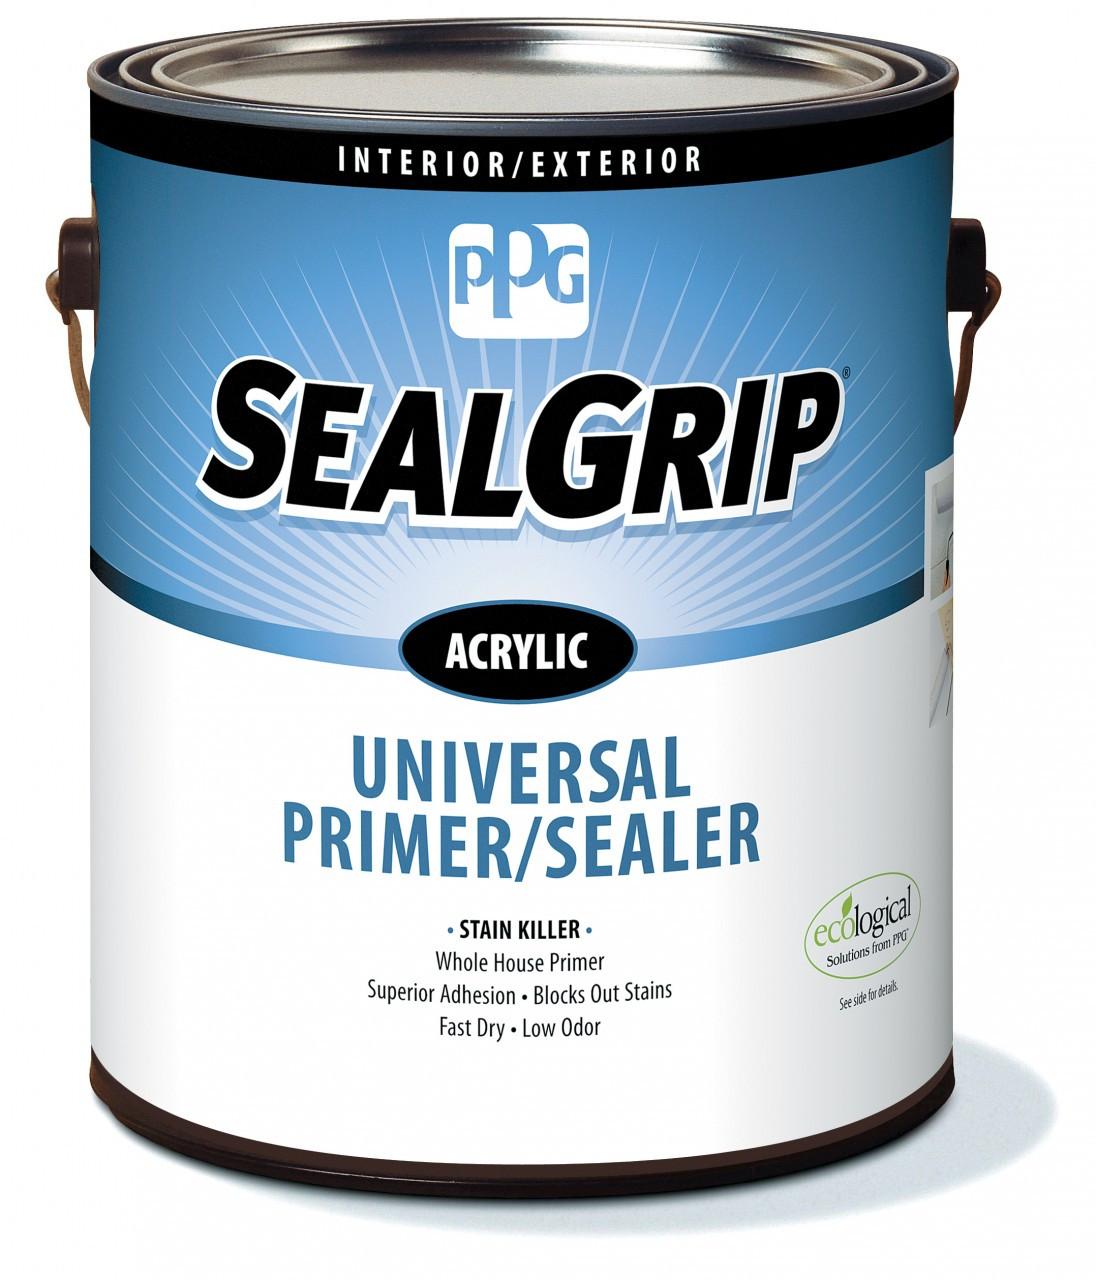 Ppg Seal Grip Interior Exterior Acrylic Universal Primer Sealer Gallon